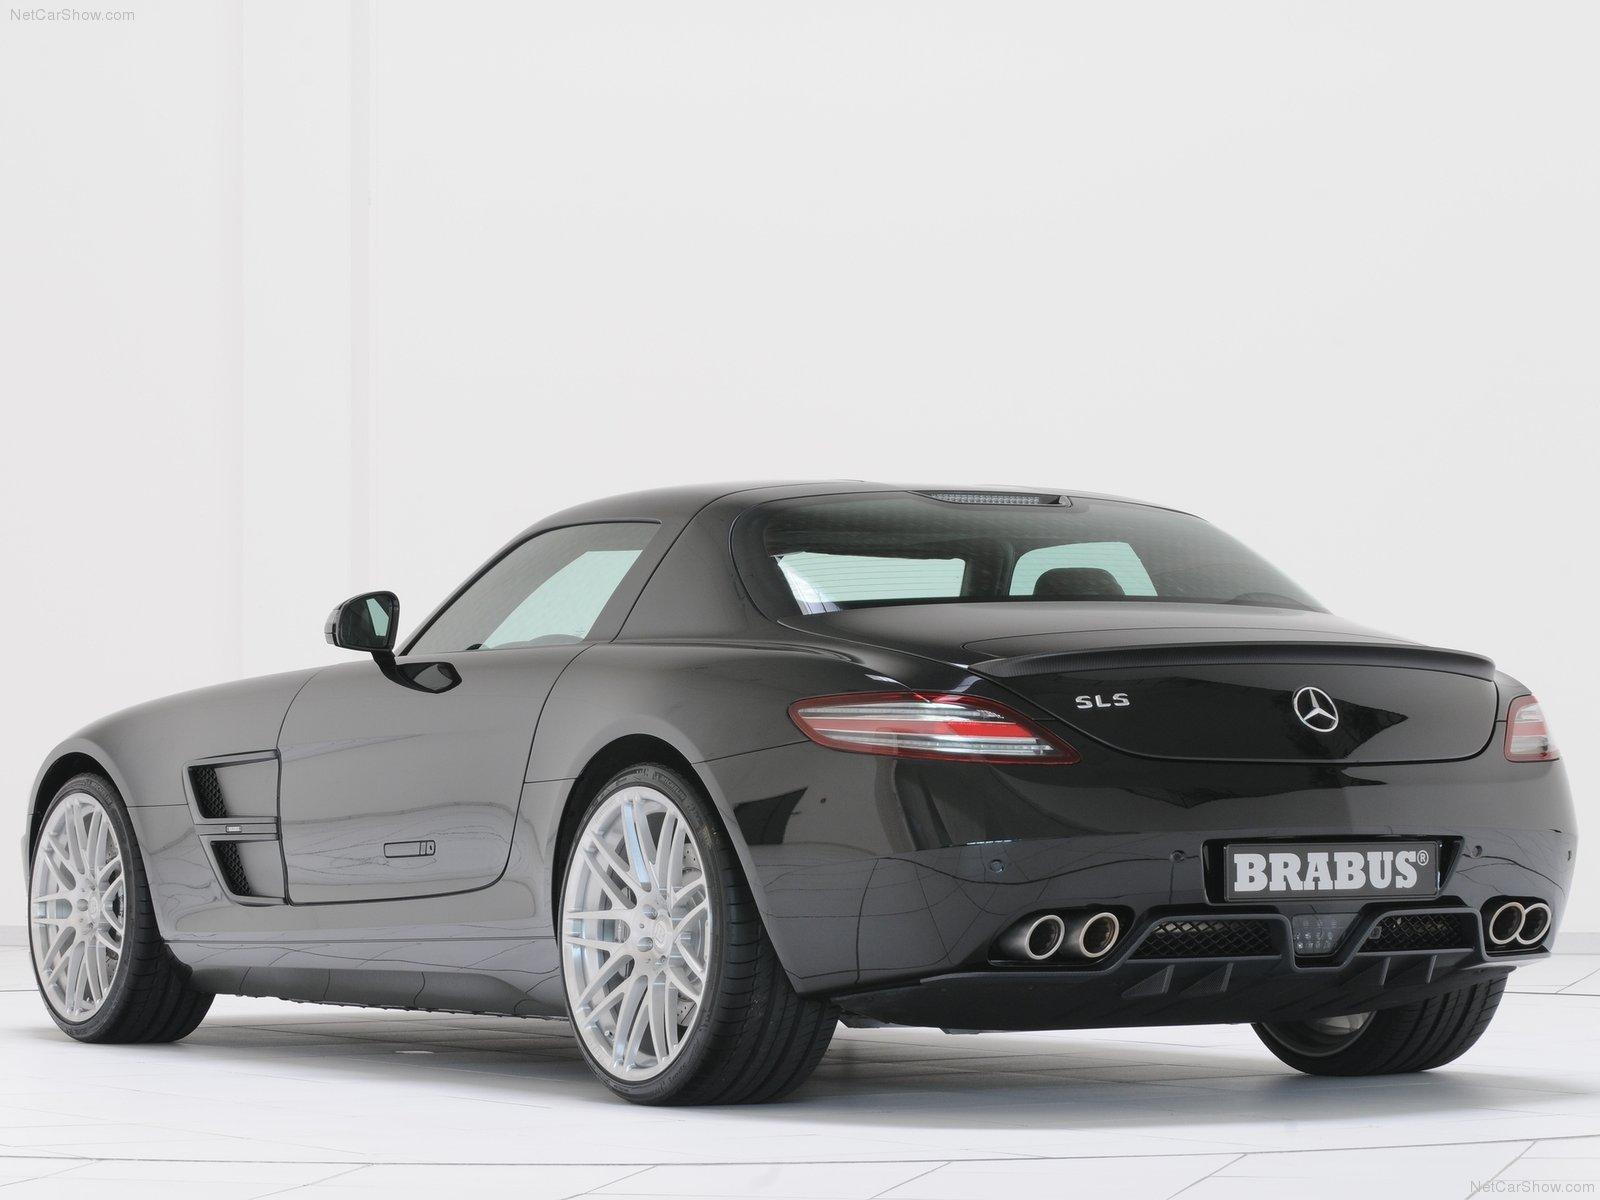 http://2.bp.blogspot.com/_D5hgPjGJZ54/THv-Gv1uR6I/AAAAAAAAD4I/wdm_dEzcUxI/s1600/Brabus-Mercedes-Benz_SLS_AMG_2011_1600x1200_wallpaper_0c.jpg